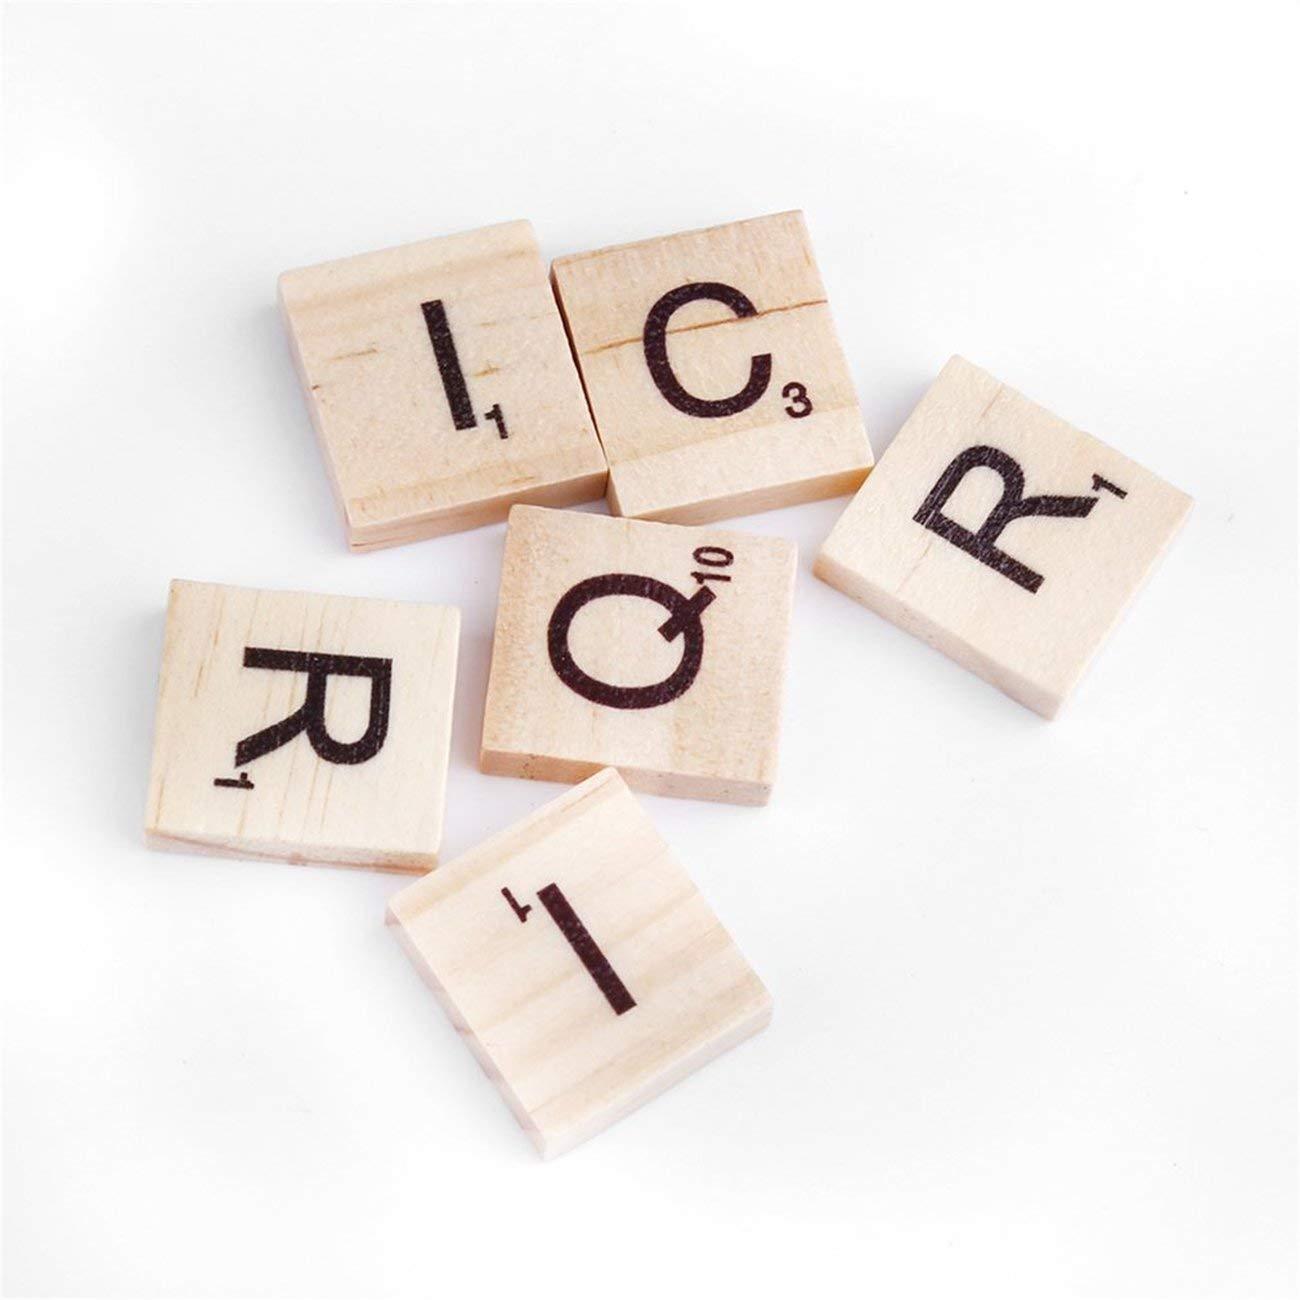 JIUY 100PCS alfabeto de madera azulejos negro cartas para Scrabble Kid dibujo educativo pintura del ni/ño del juguete de regalo negro y el color de la madera